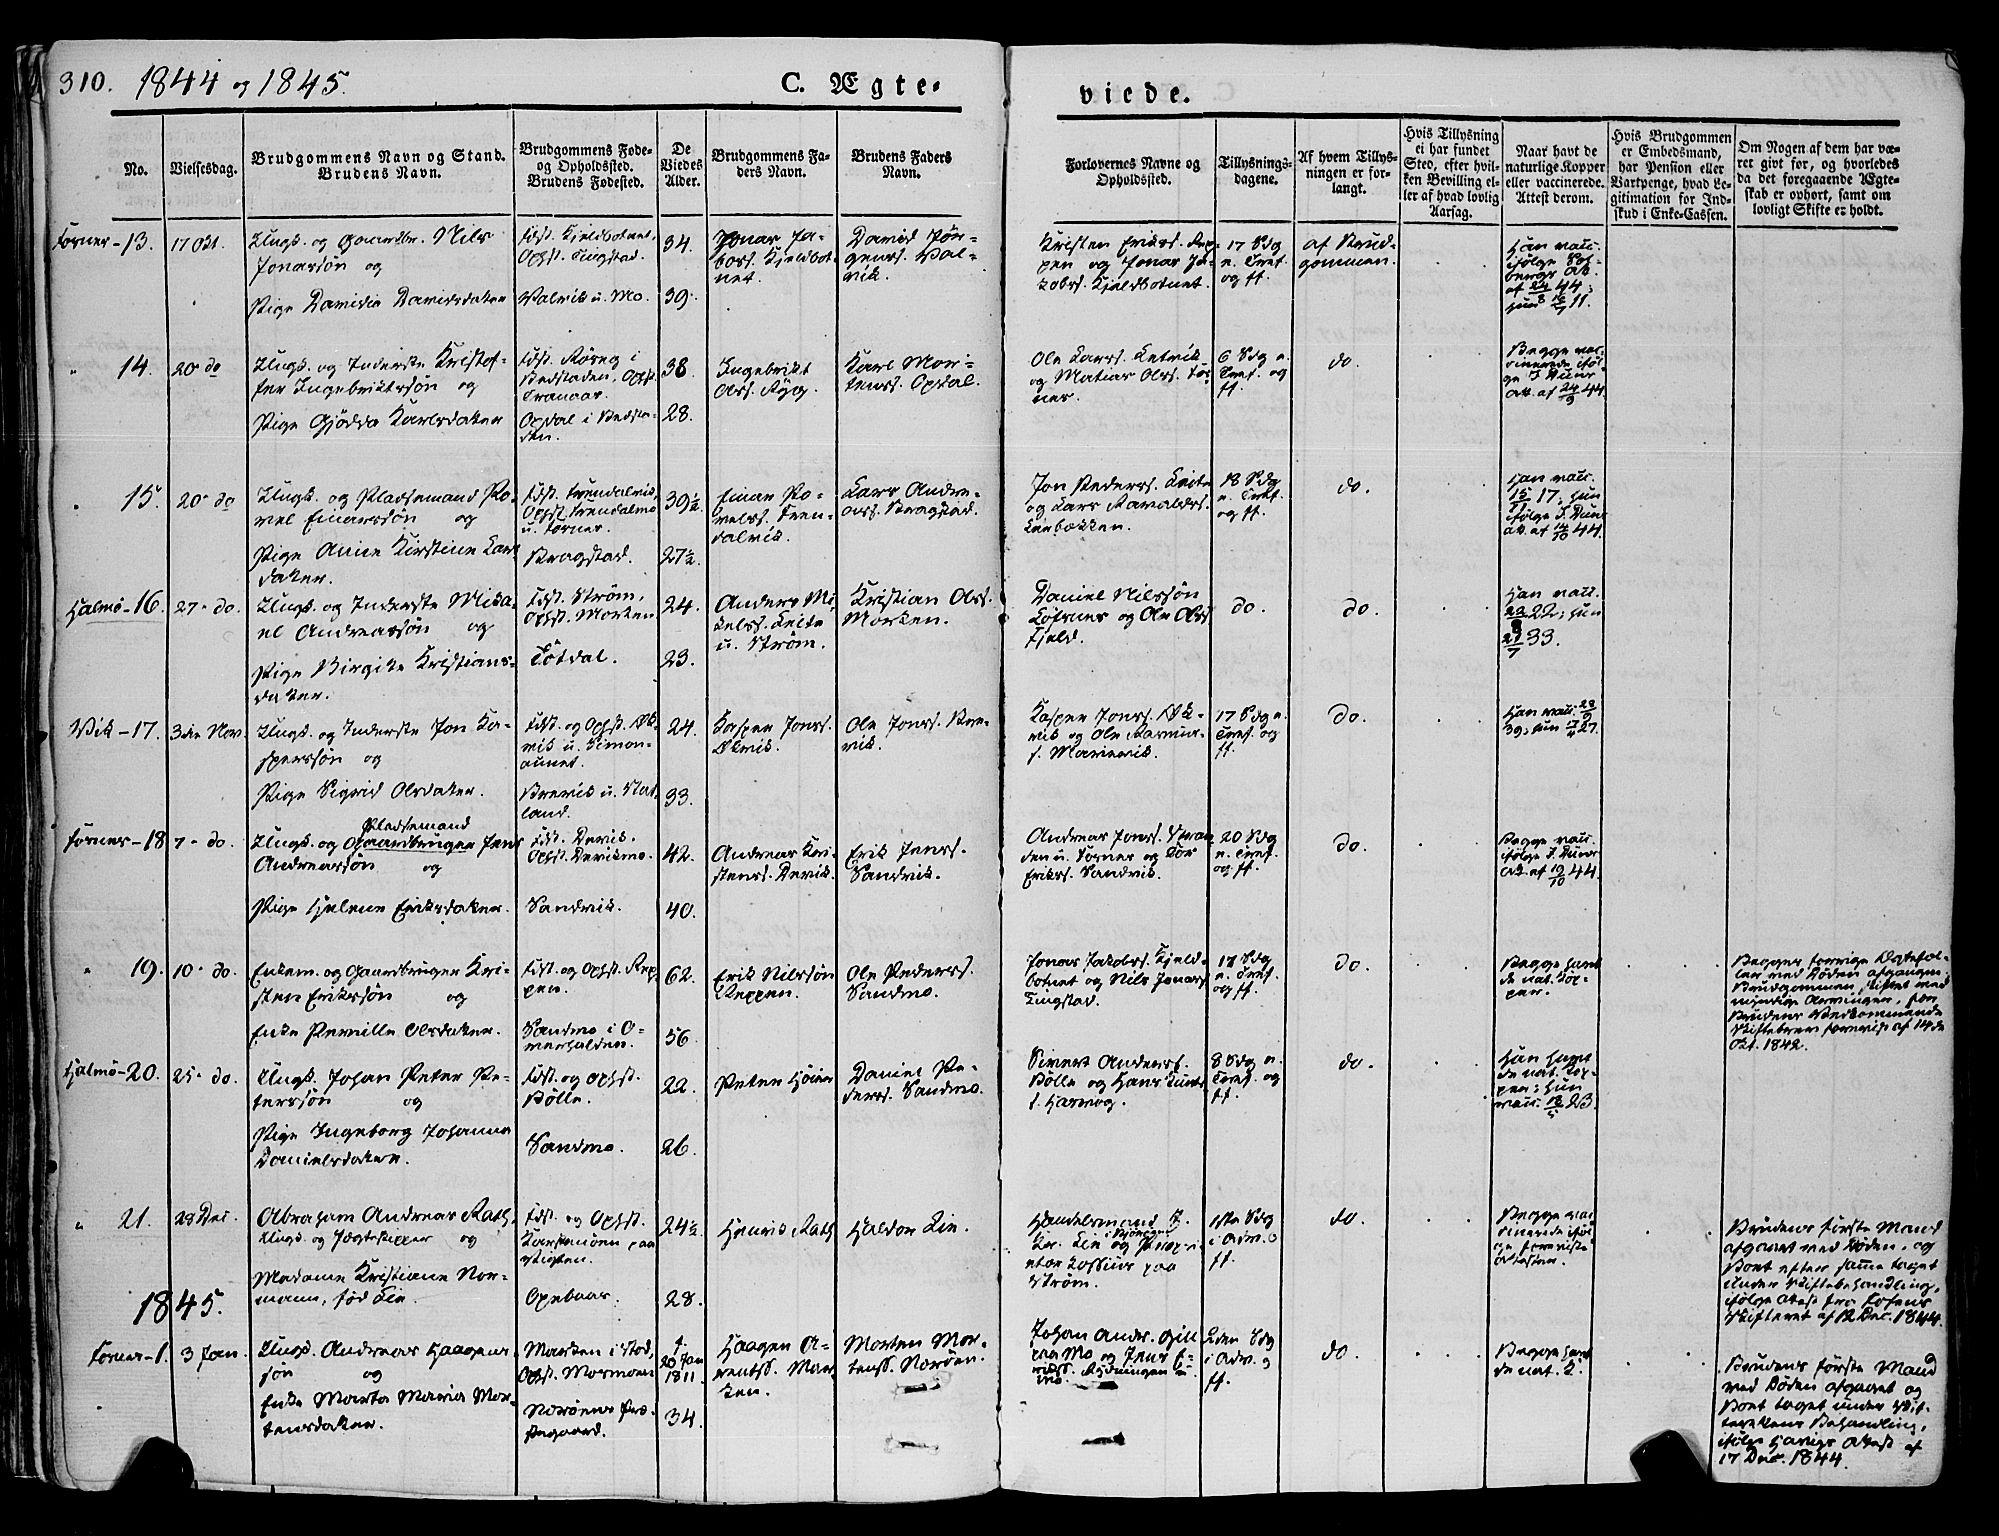 SAT, Ministerialprotokoller, klokkerbøker og fødselsregistre - Nord-Trøndelag, 773/L0614: Ministerialbok nr. 773A05, 1831-1856, s. 310